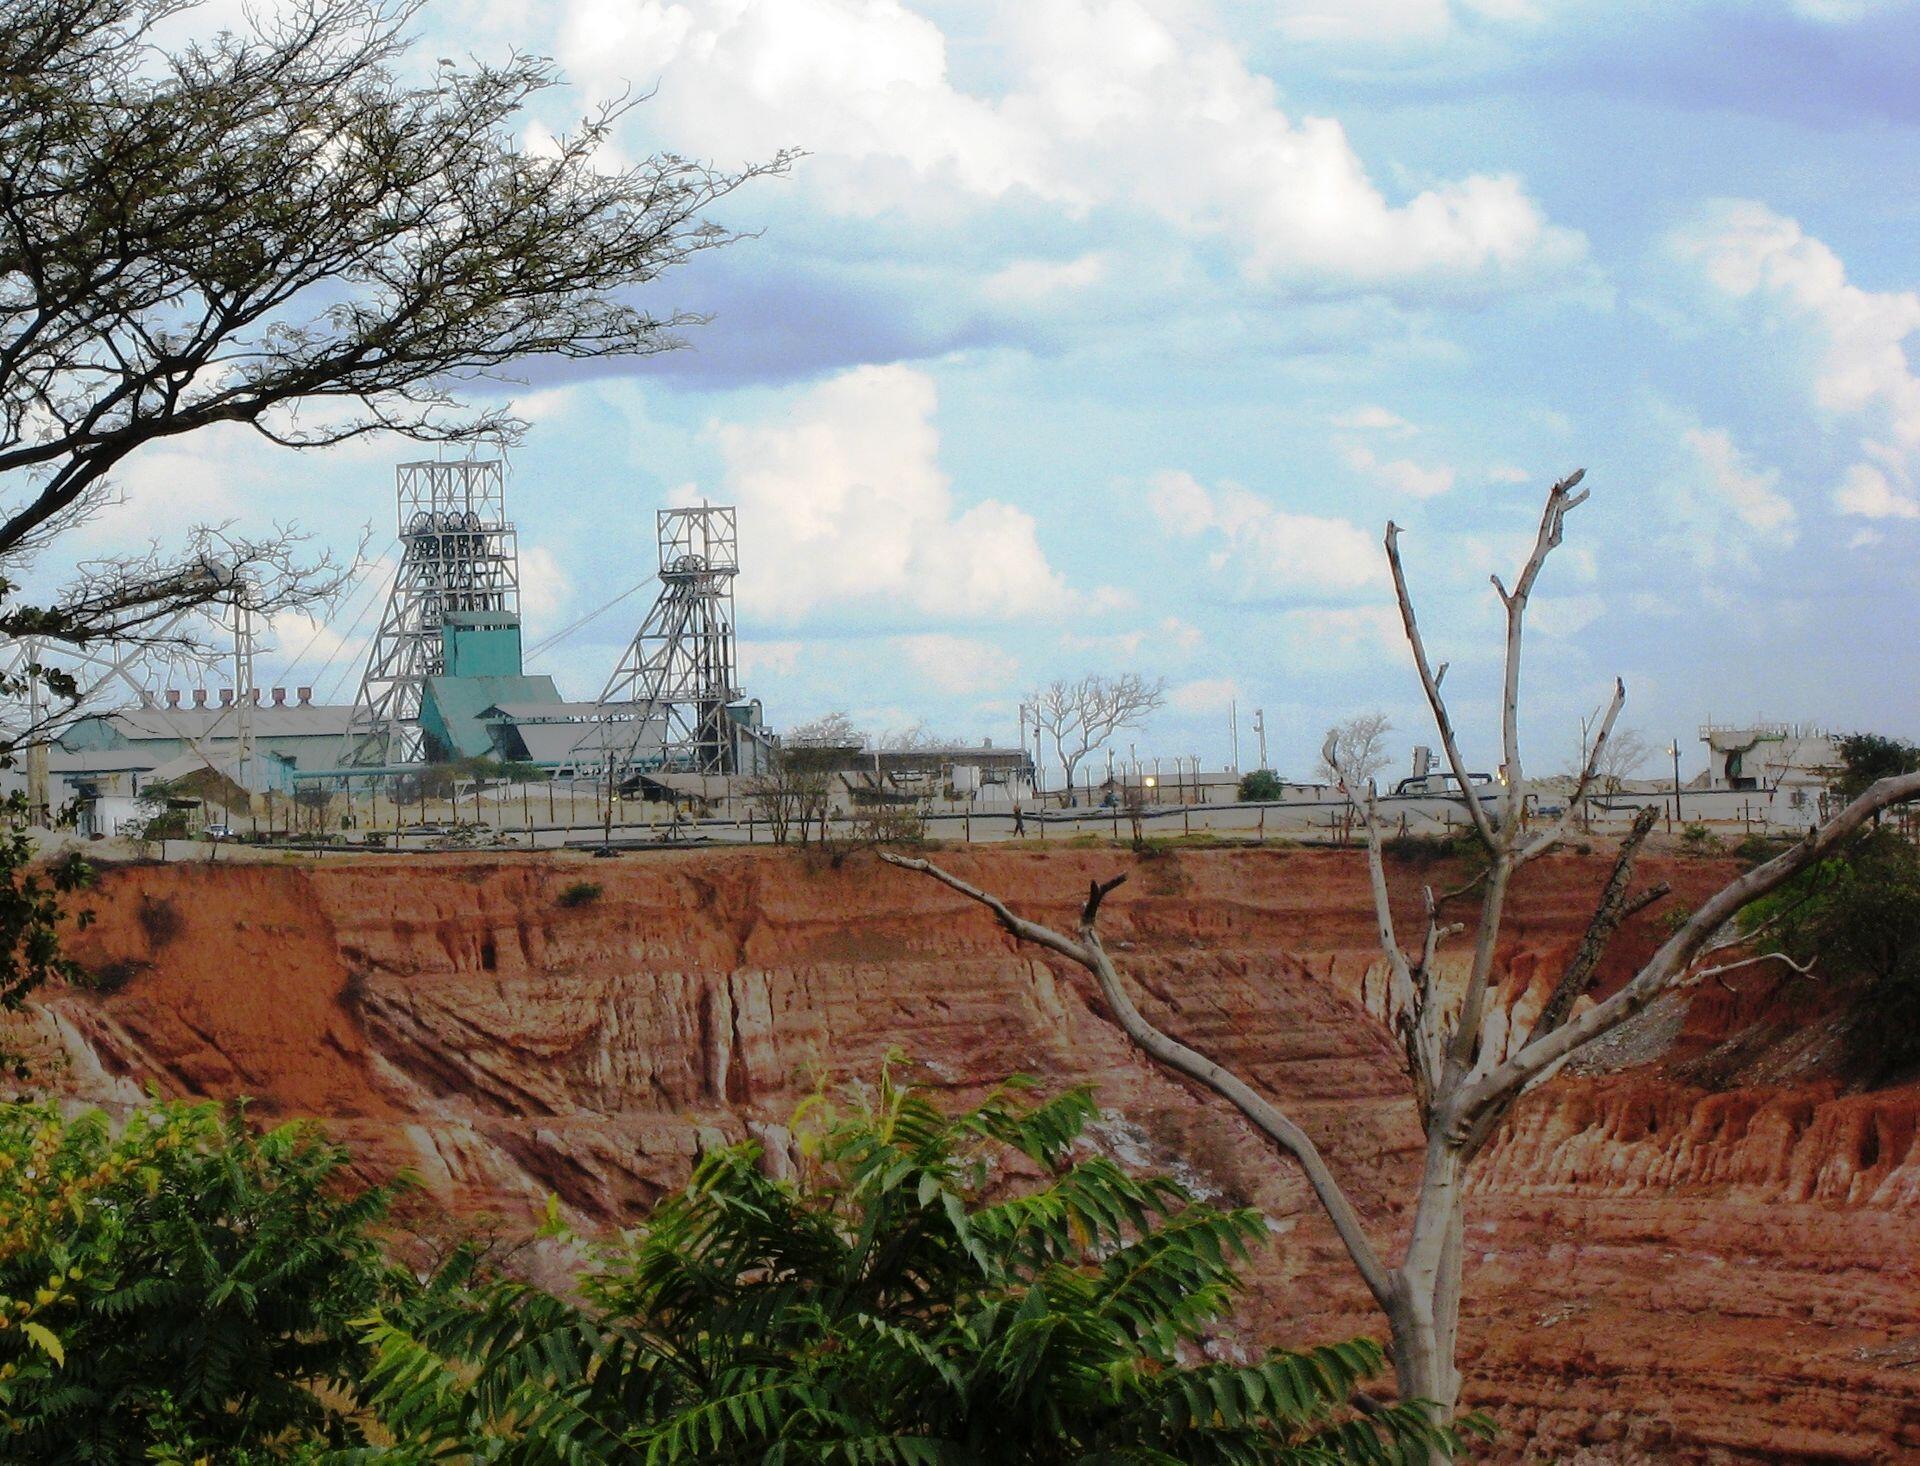 Nkana mine in Kitwe, Zambia.